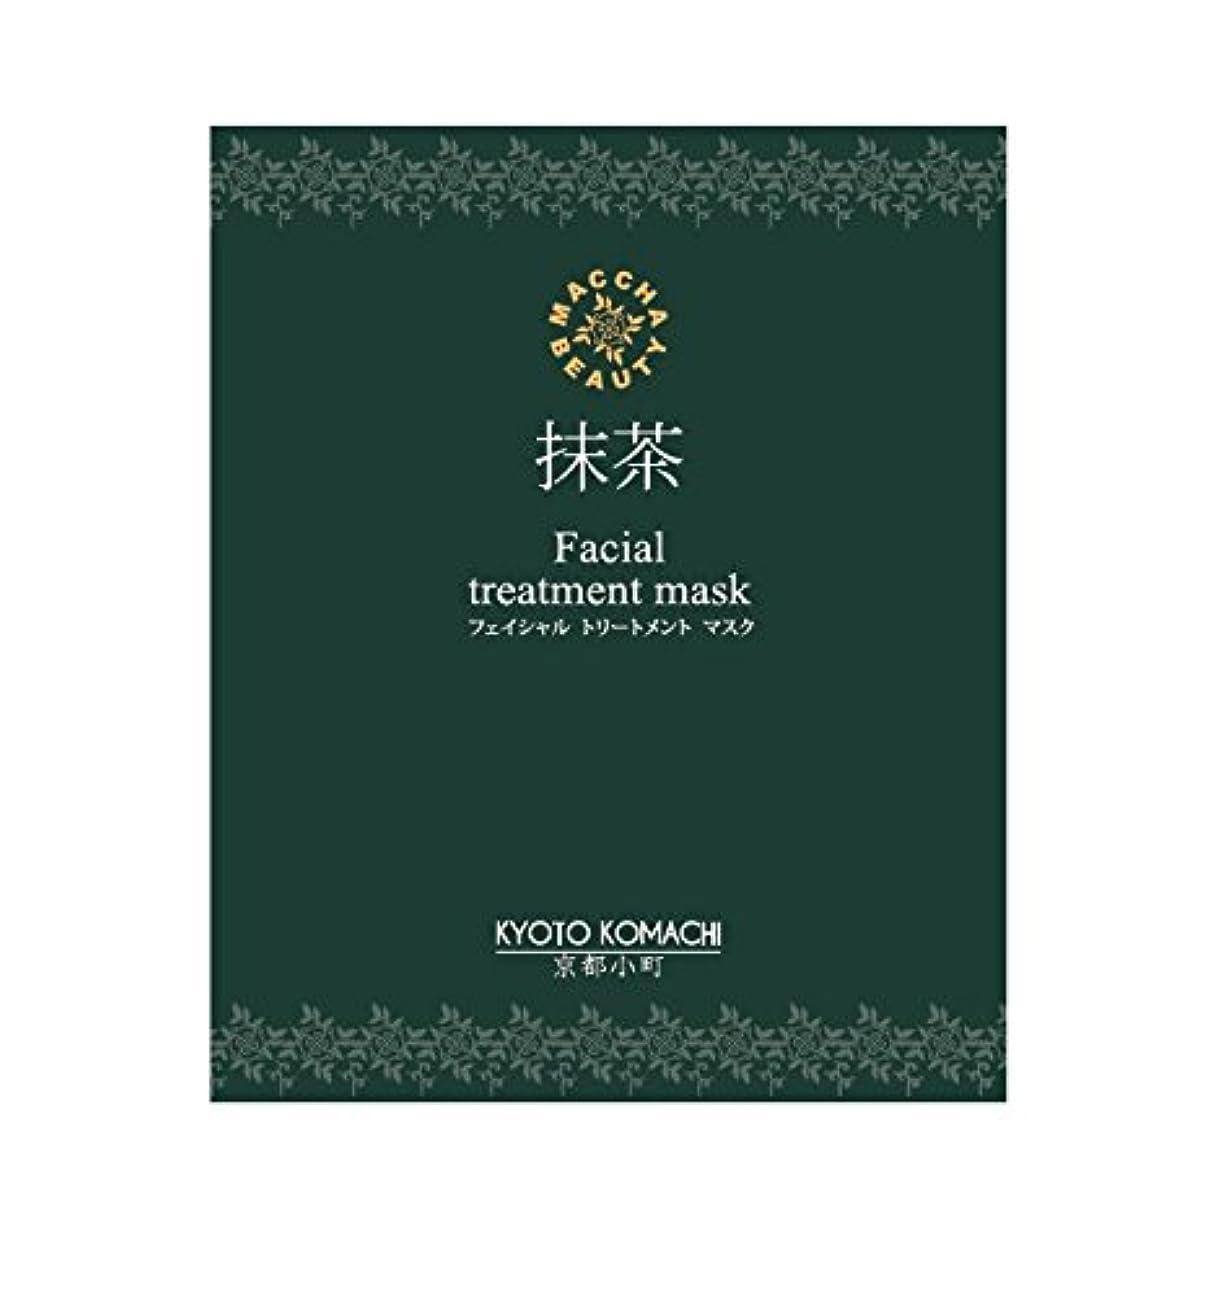 独立した食器棚まっすぐ京都小町<抹茶美人>マチャビューティー フェイシャル トリートメント マスク 25g×10枚セット